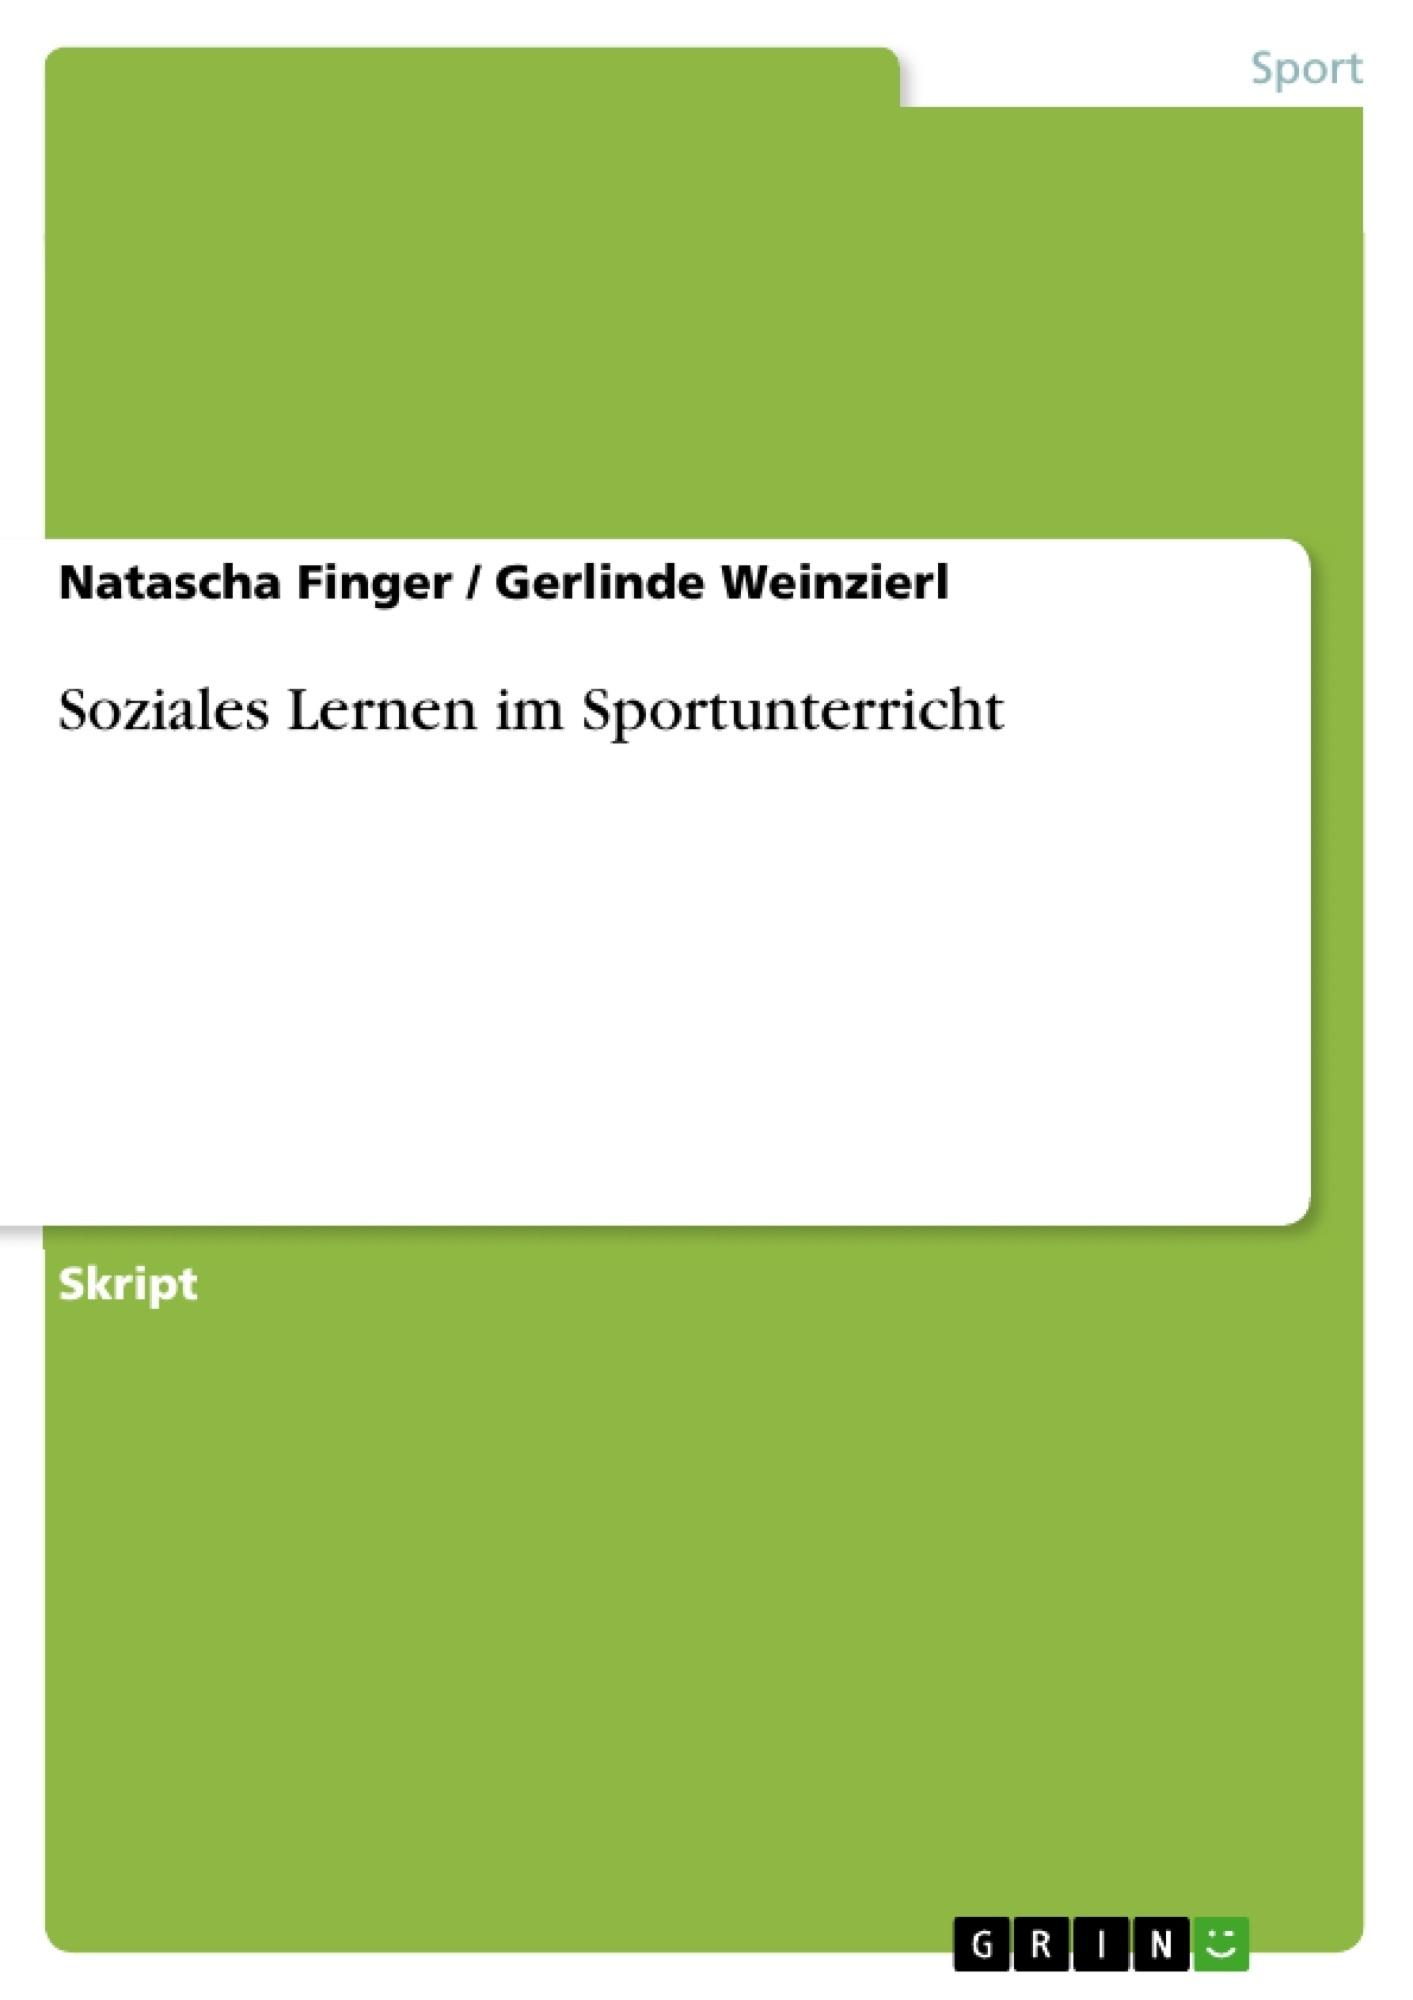 Titel: Soziales Lernen im Sportunterricht